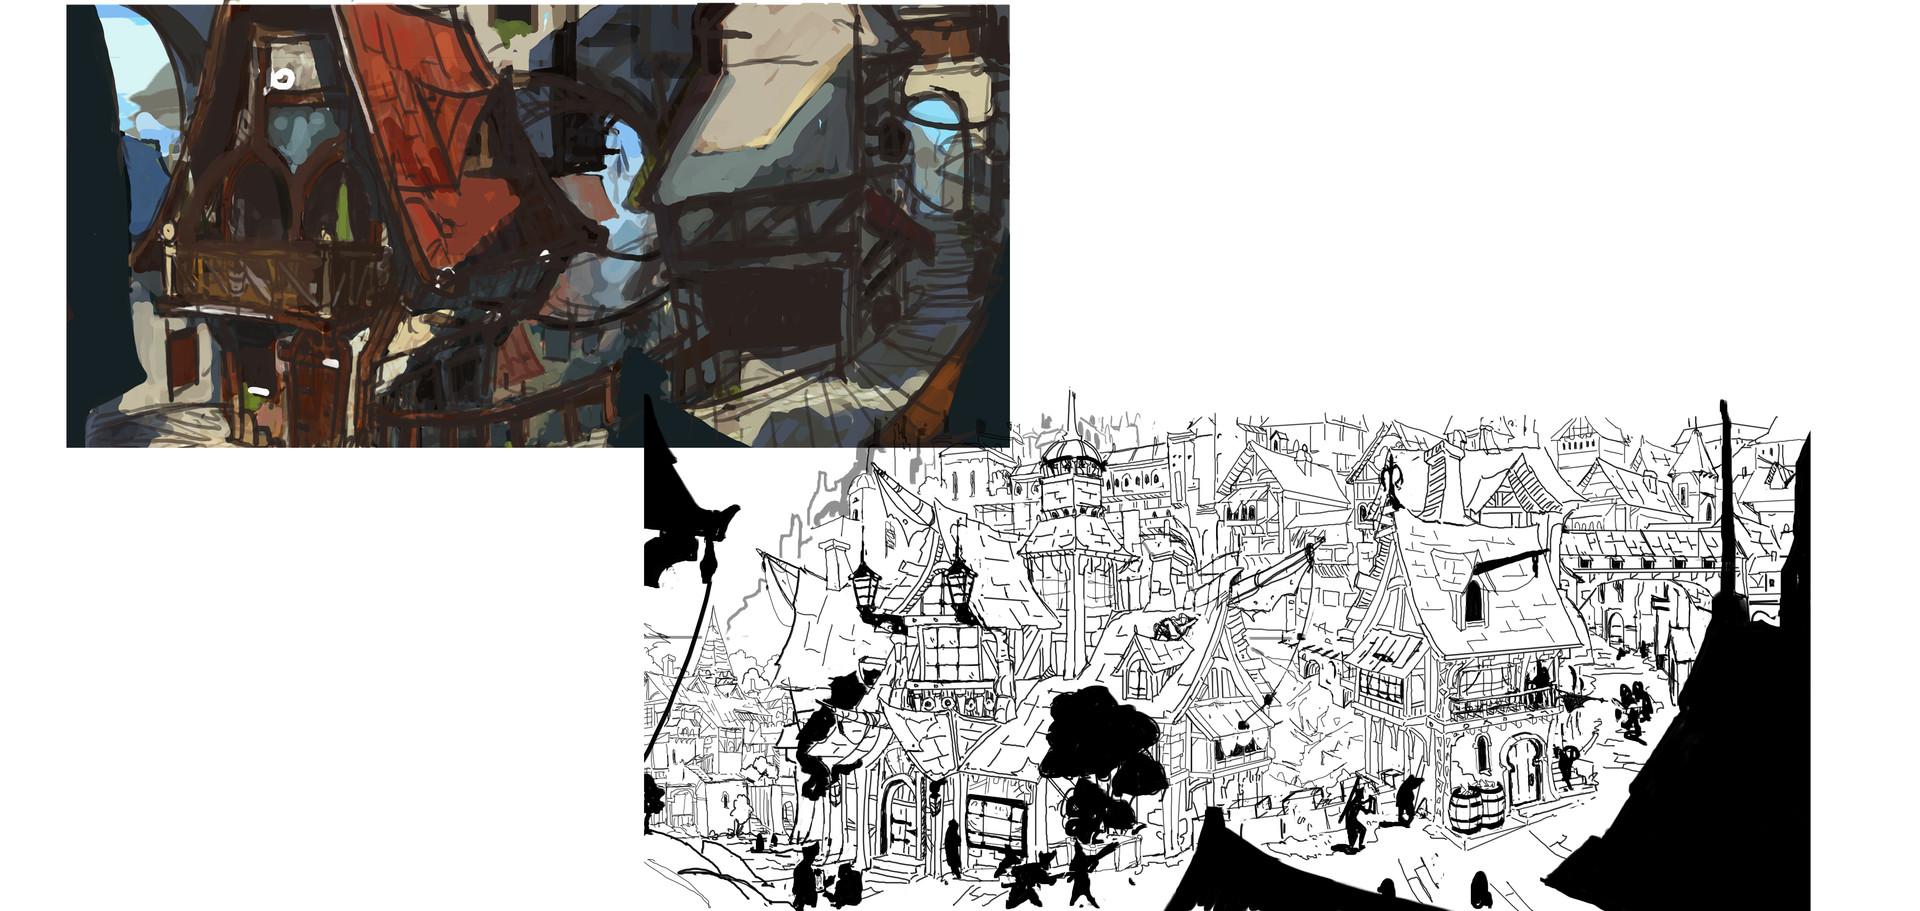 ArtStation - Rehnwal cea3af9ed9f